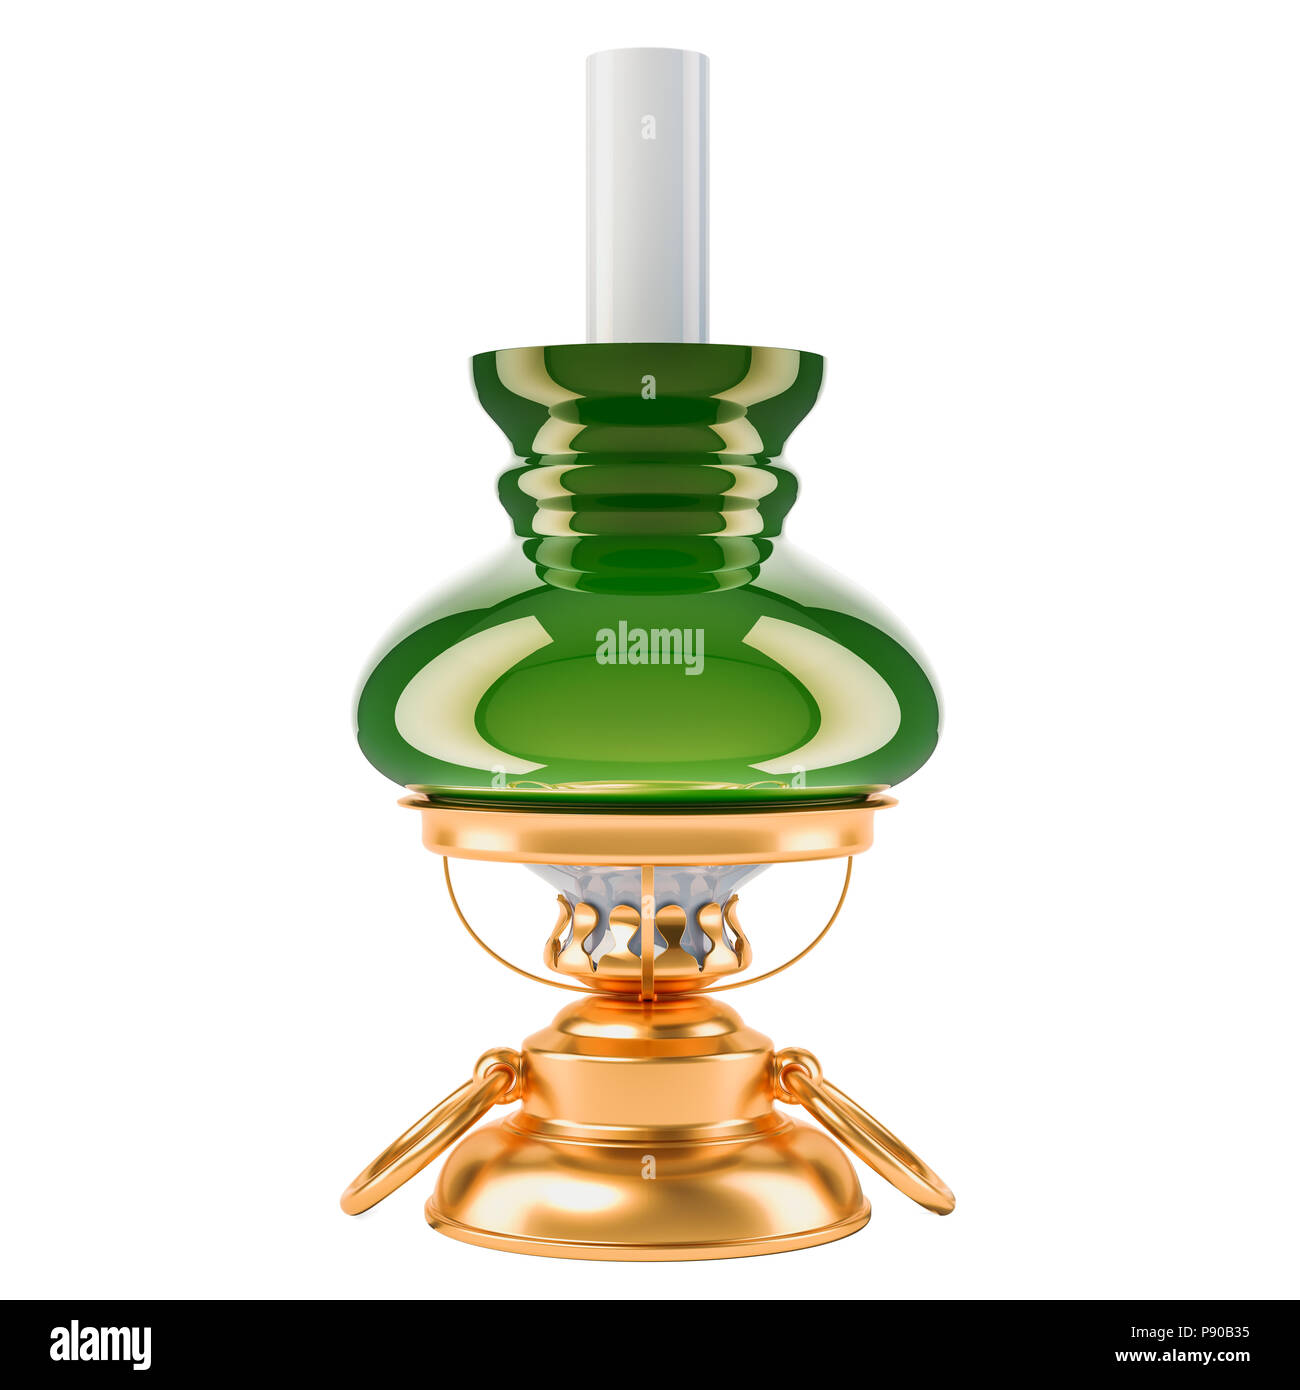 Kerosene lamp, 3D rendering isolated on black background - Stock Image